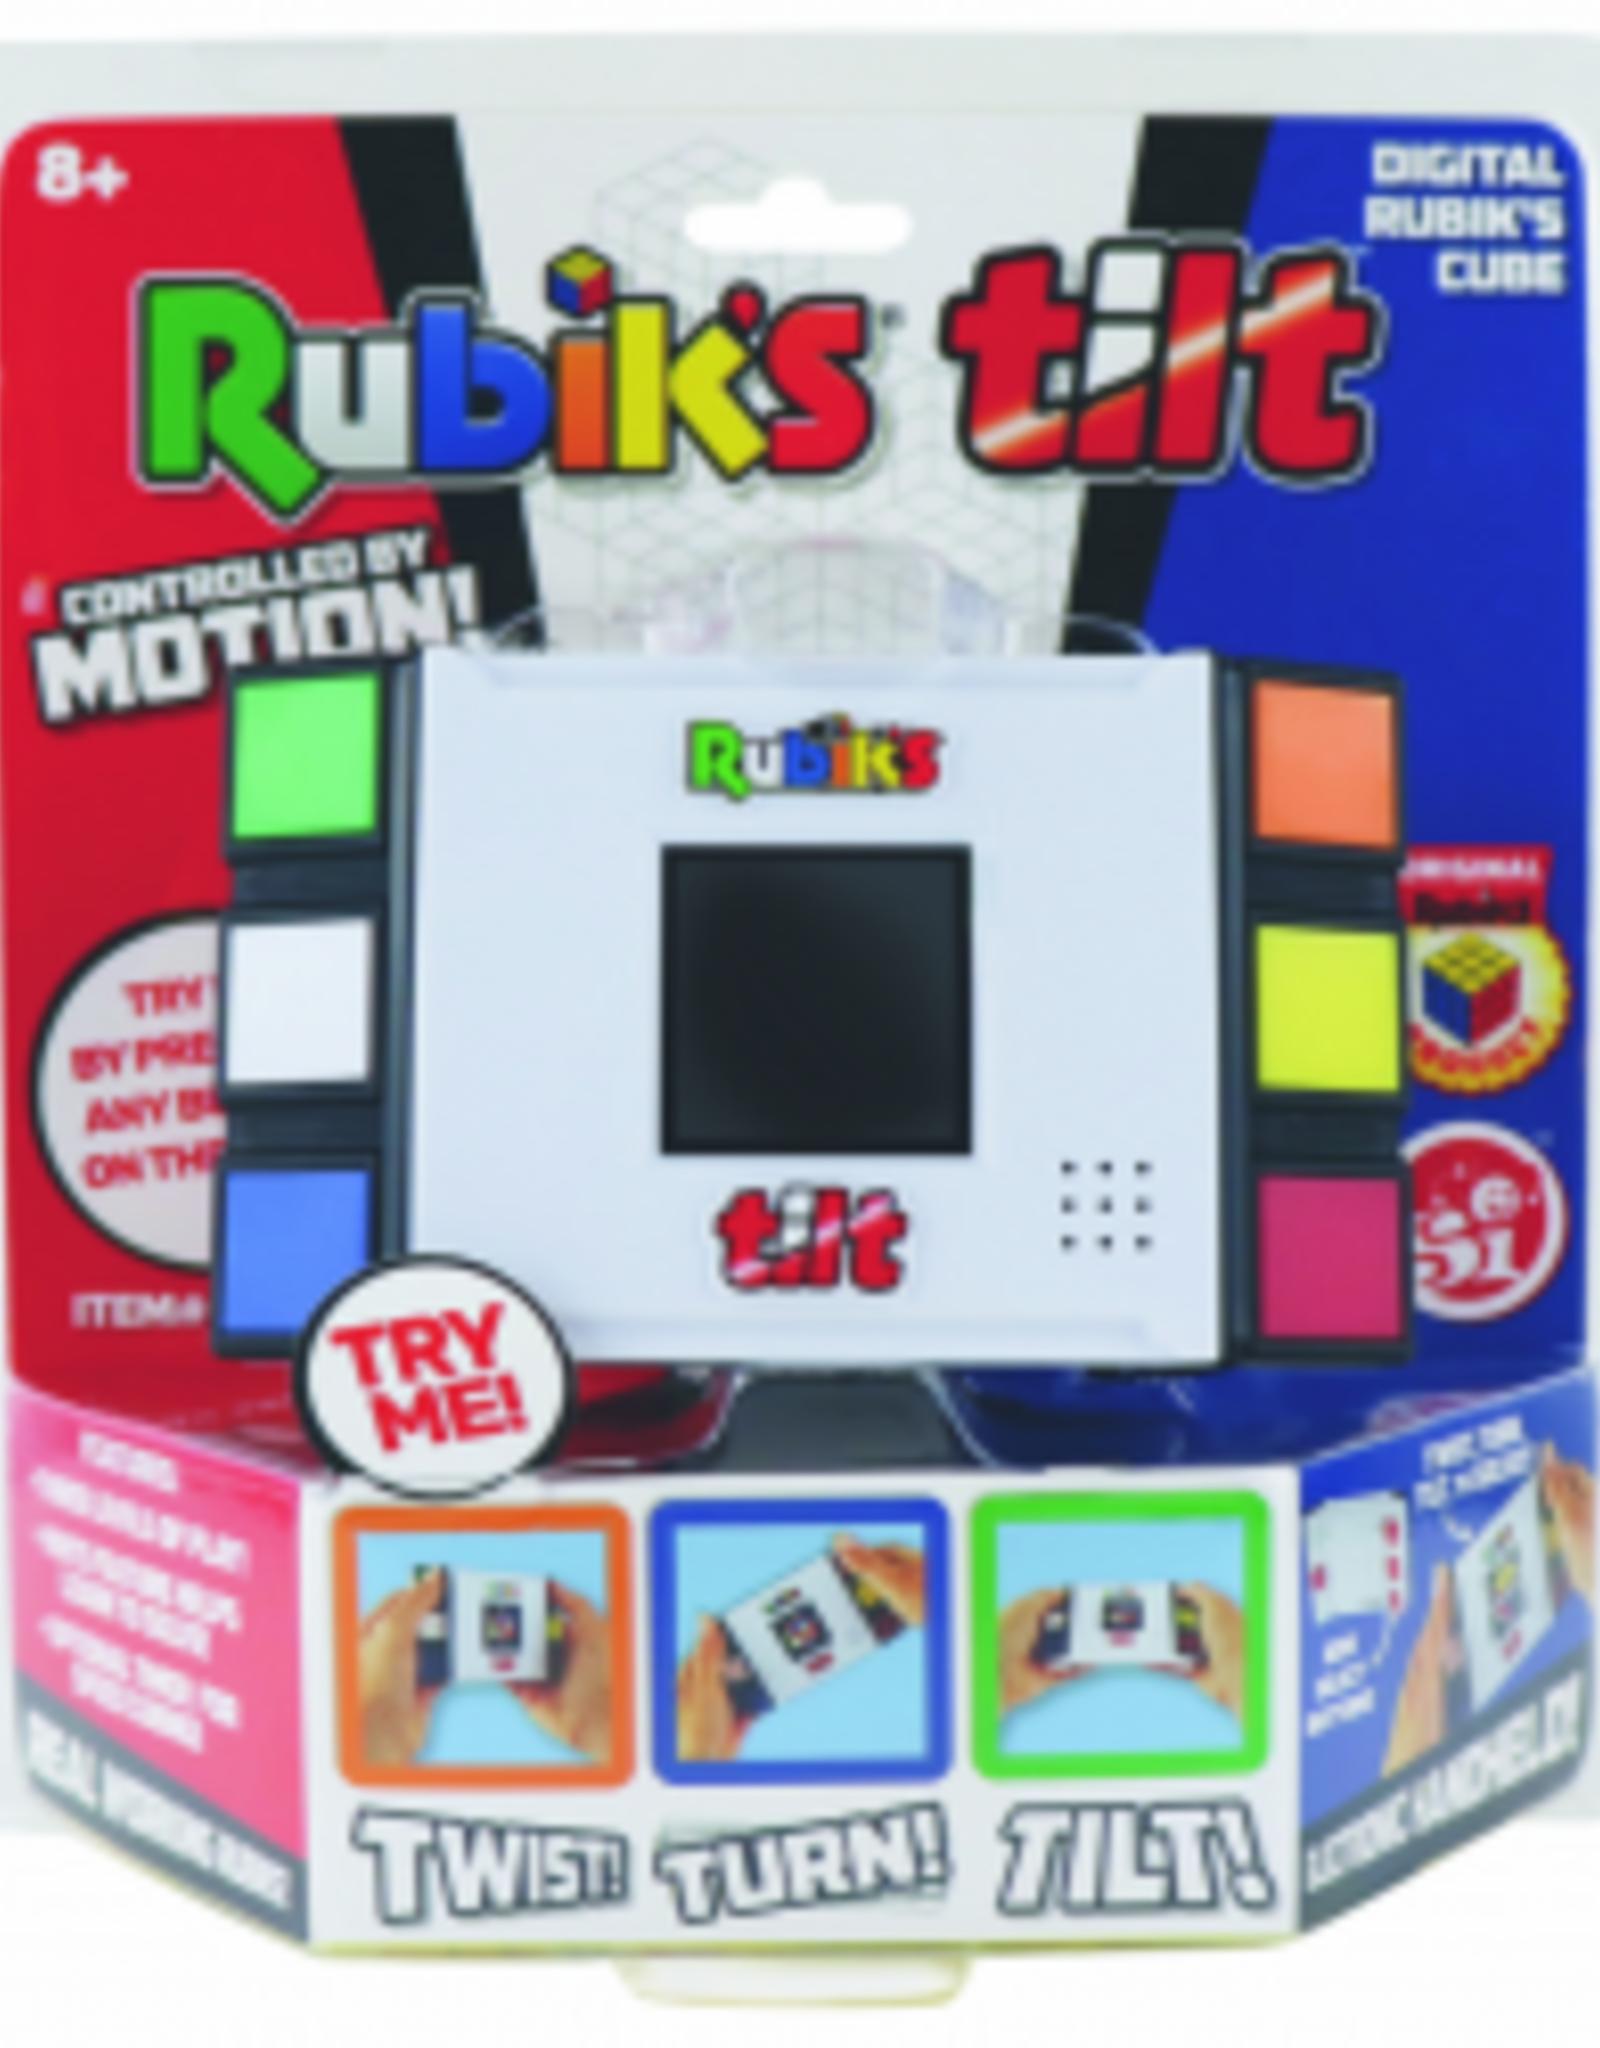 Rubik's Rubik's Tilt Motion